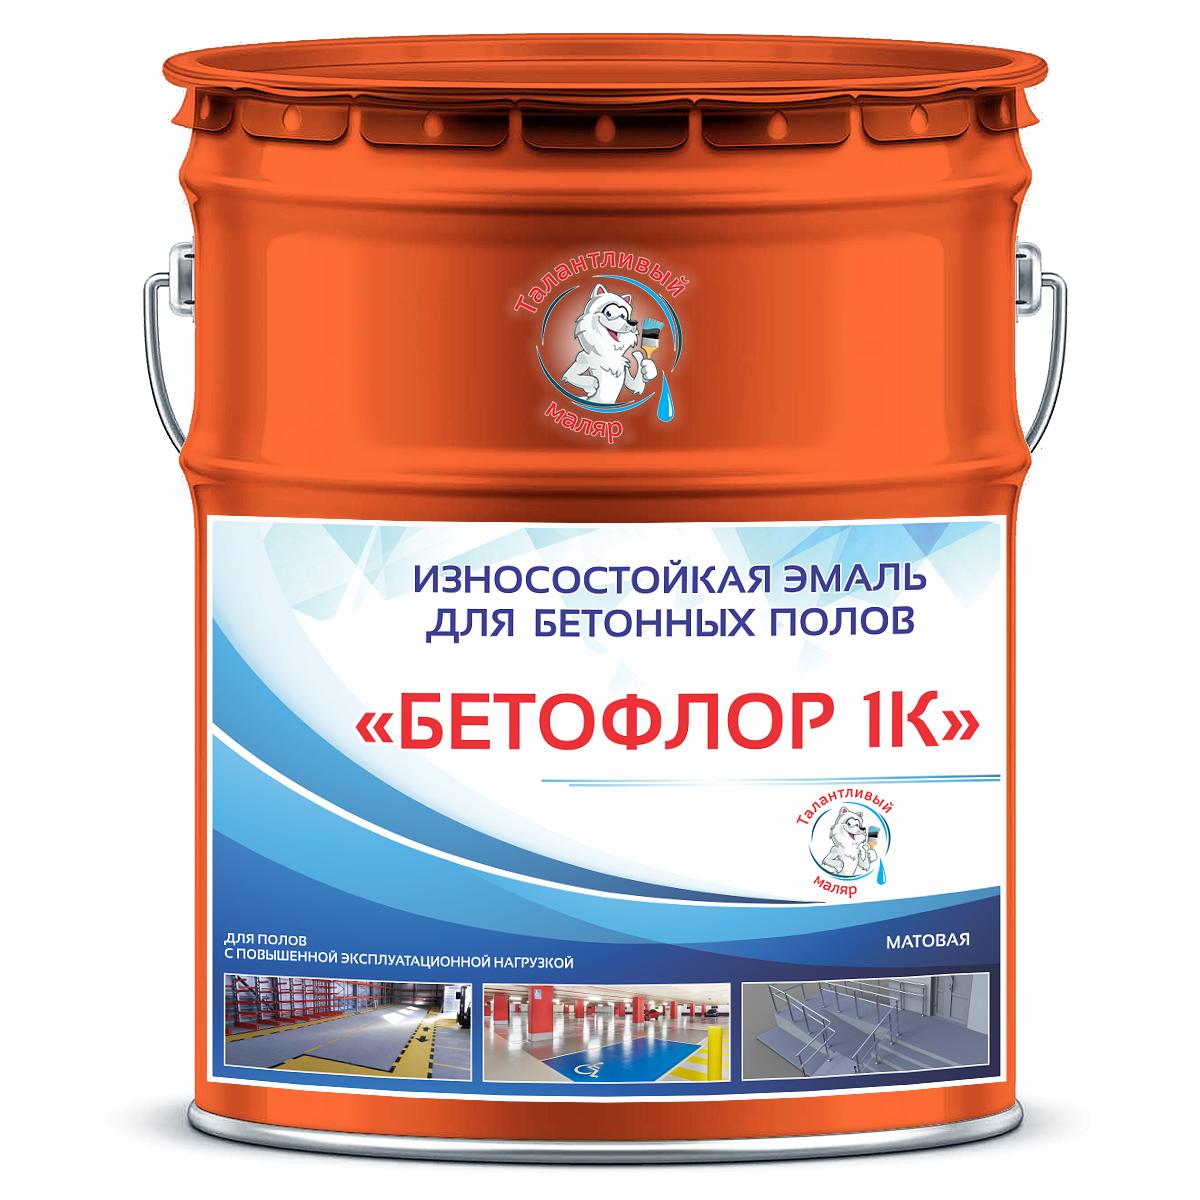 """Фото 2 - BF2001 Эмаль для бетонных полов """"Бетофлор"""" 1К цвет RAL 2001 Красно-оранжевый, матовая износостойкая, 25 кг """"Талантливый Маляр""""."""